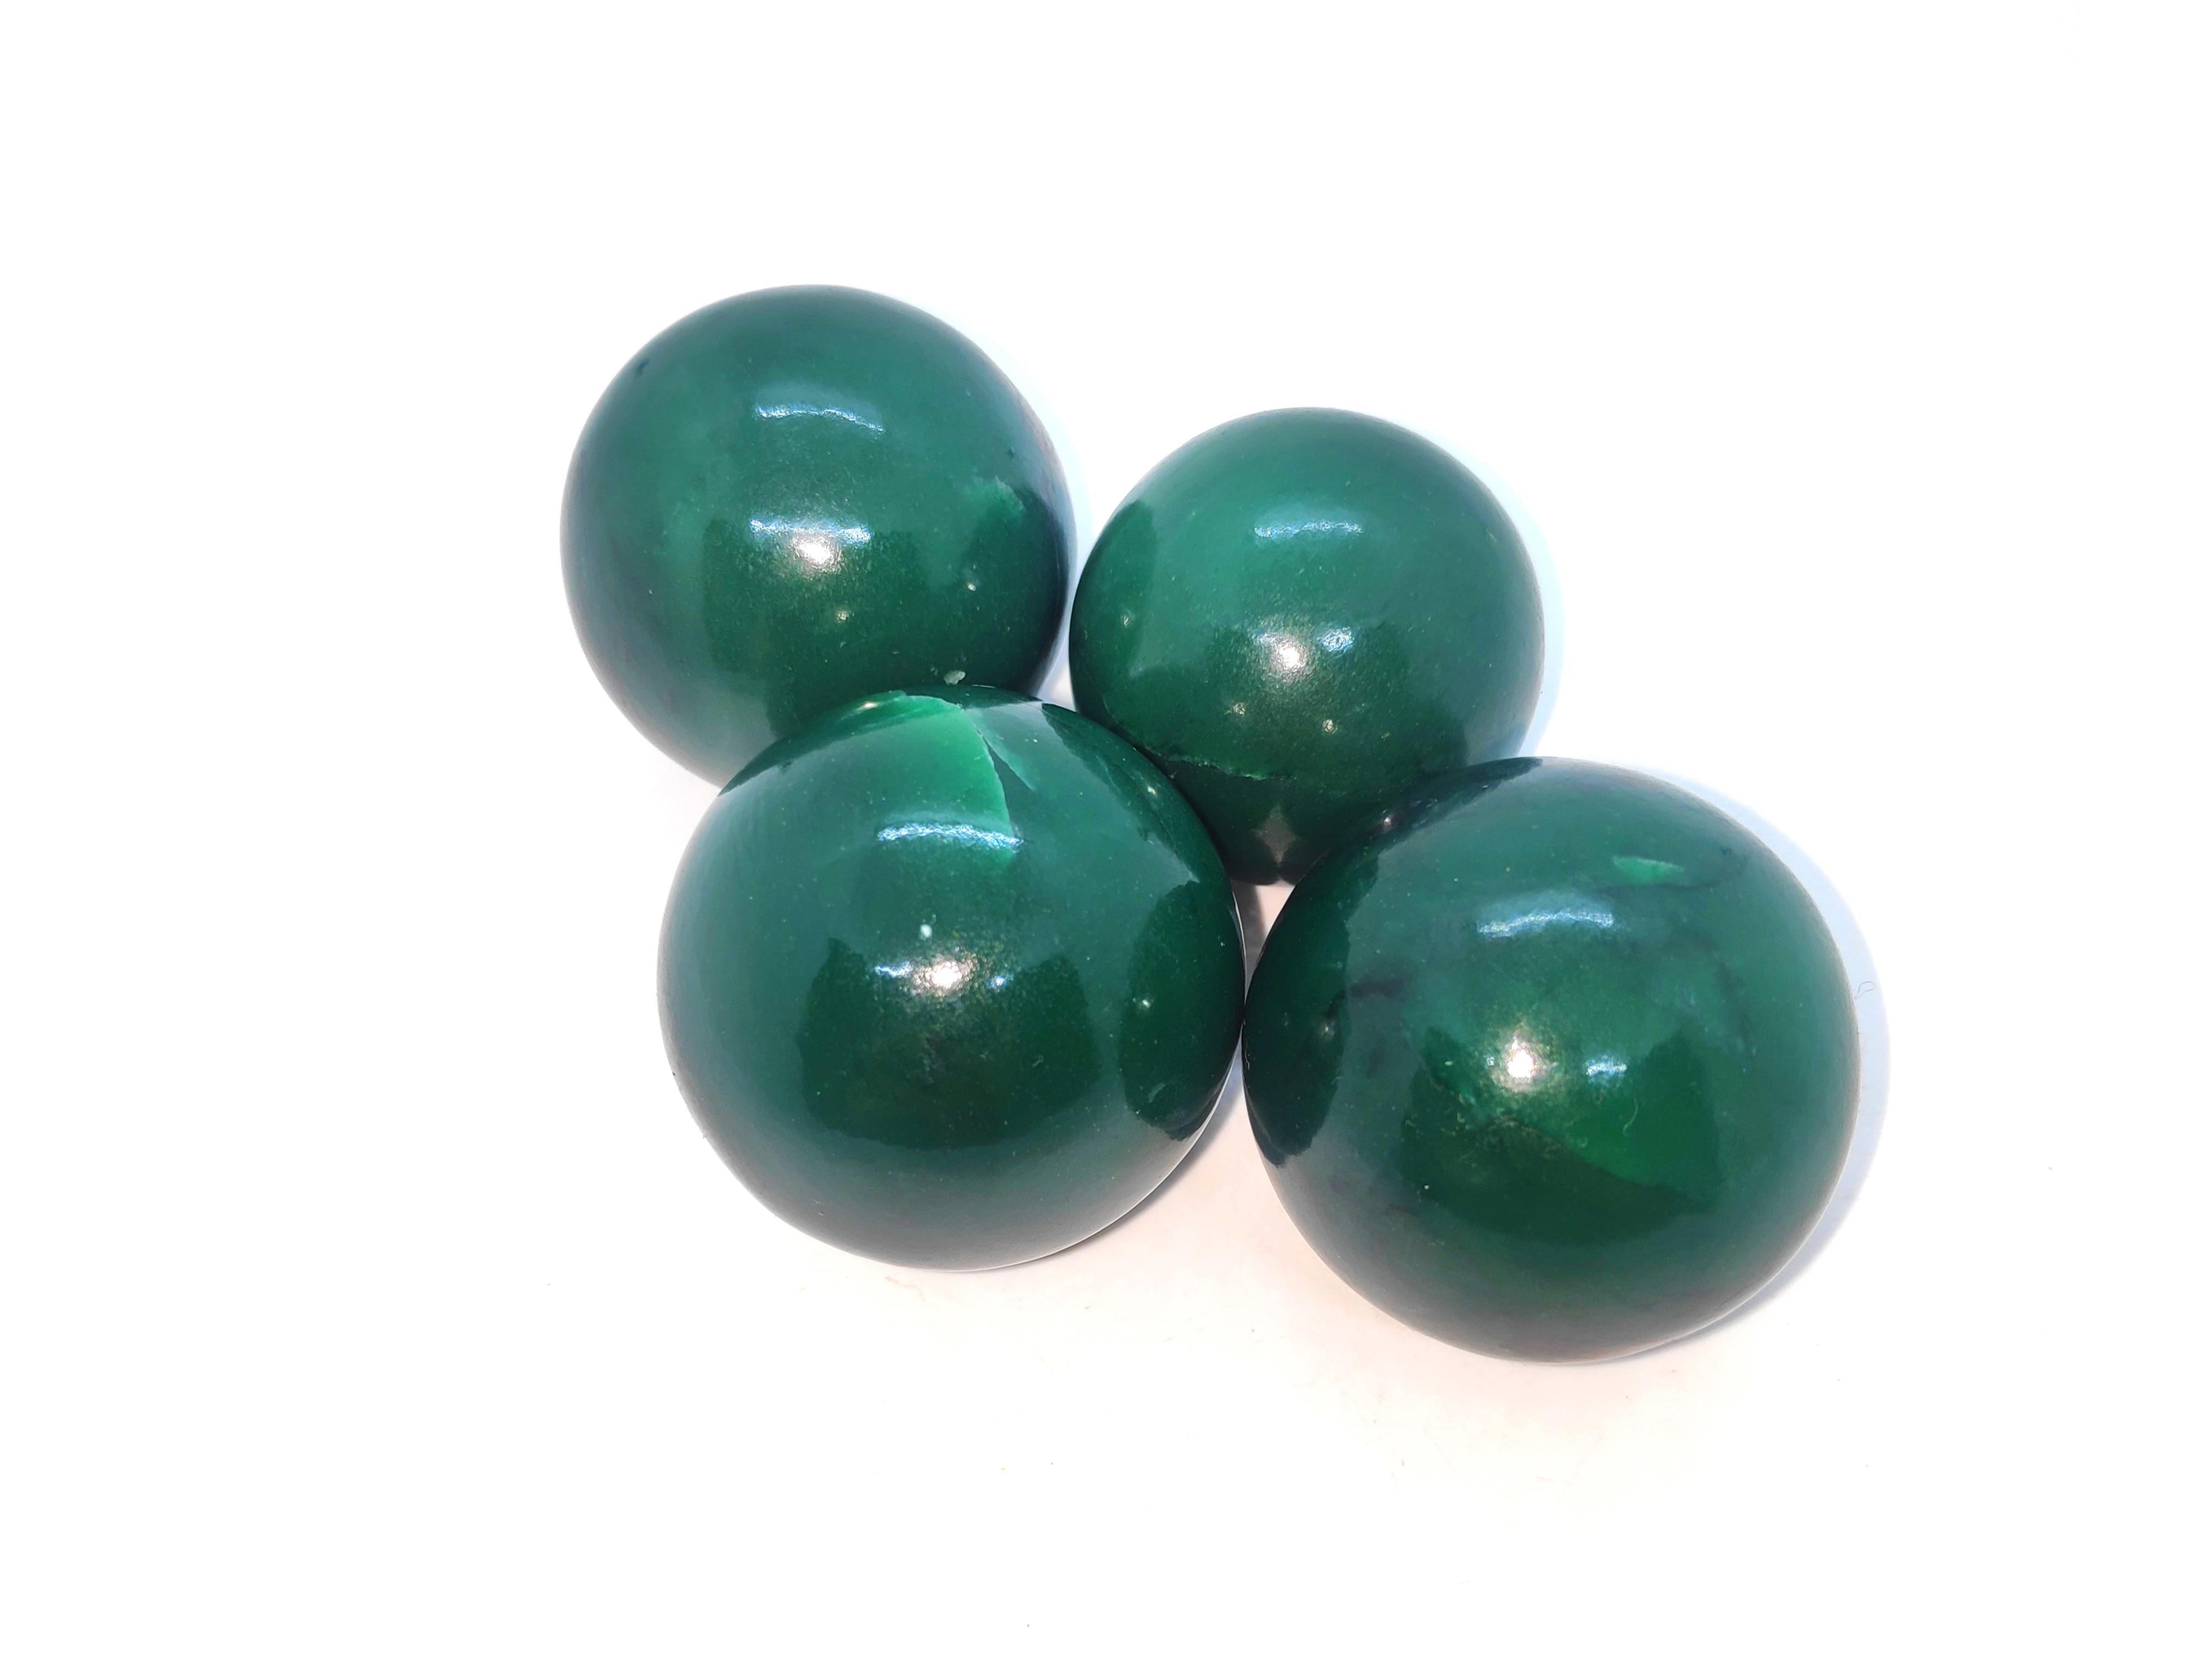 Green Avaenturine Spheres